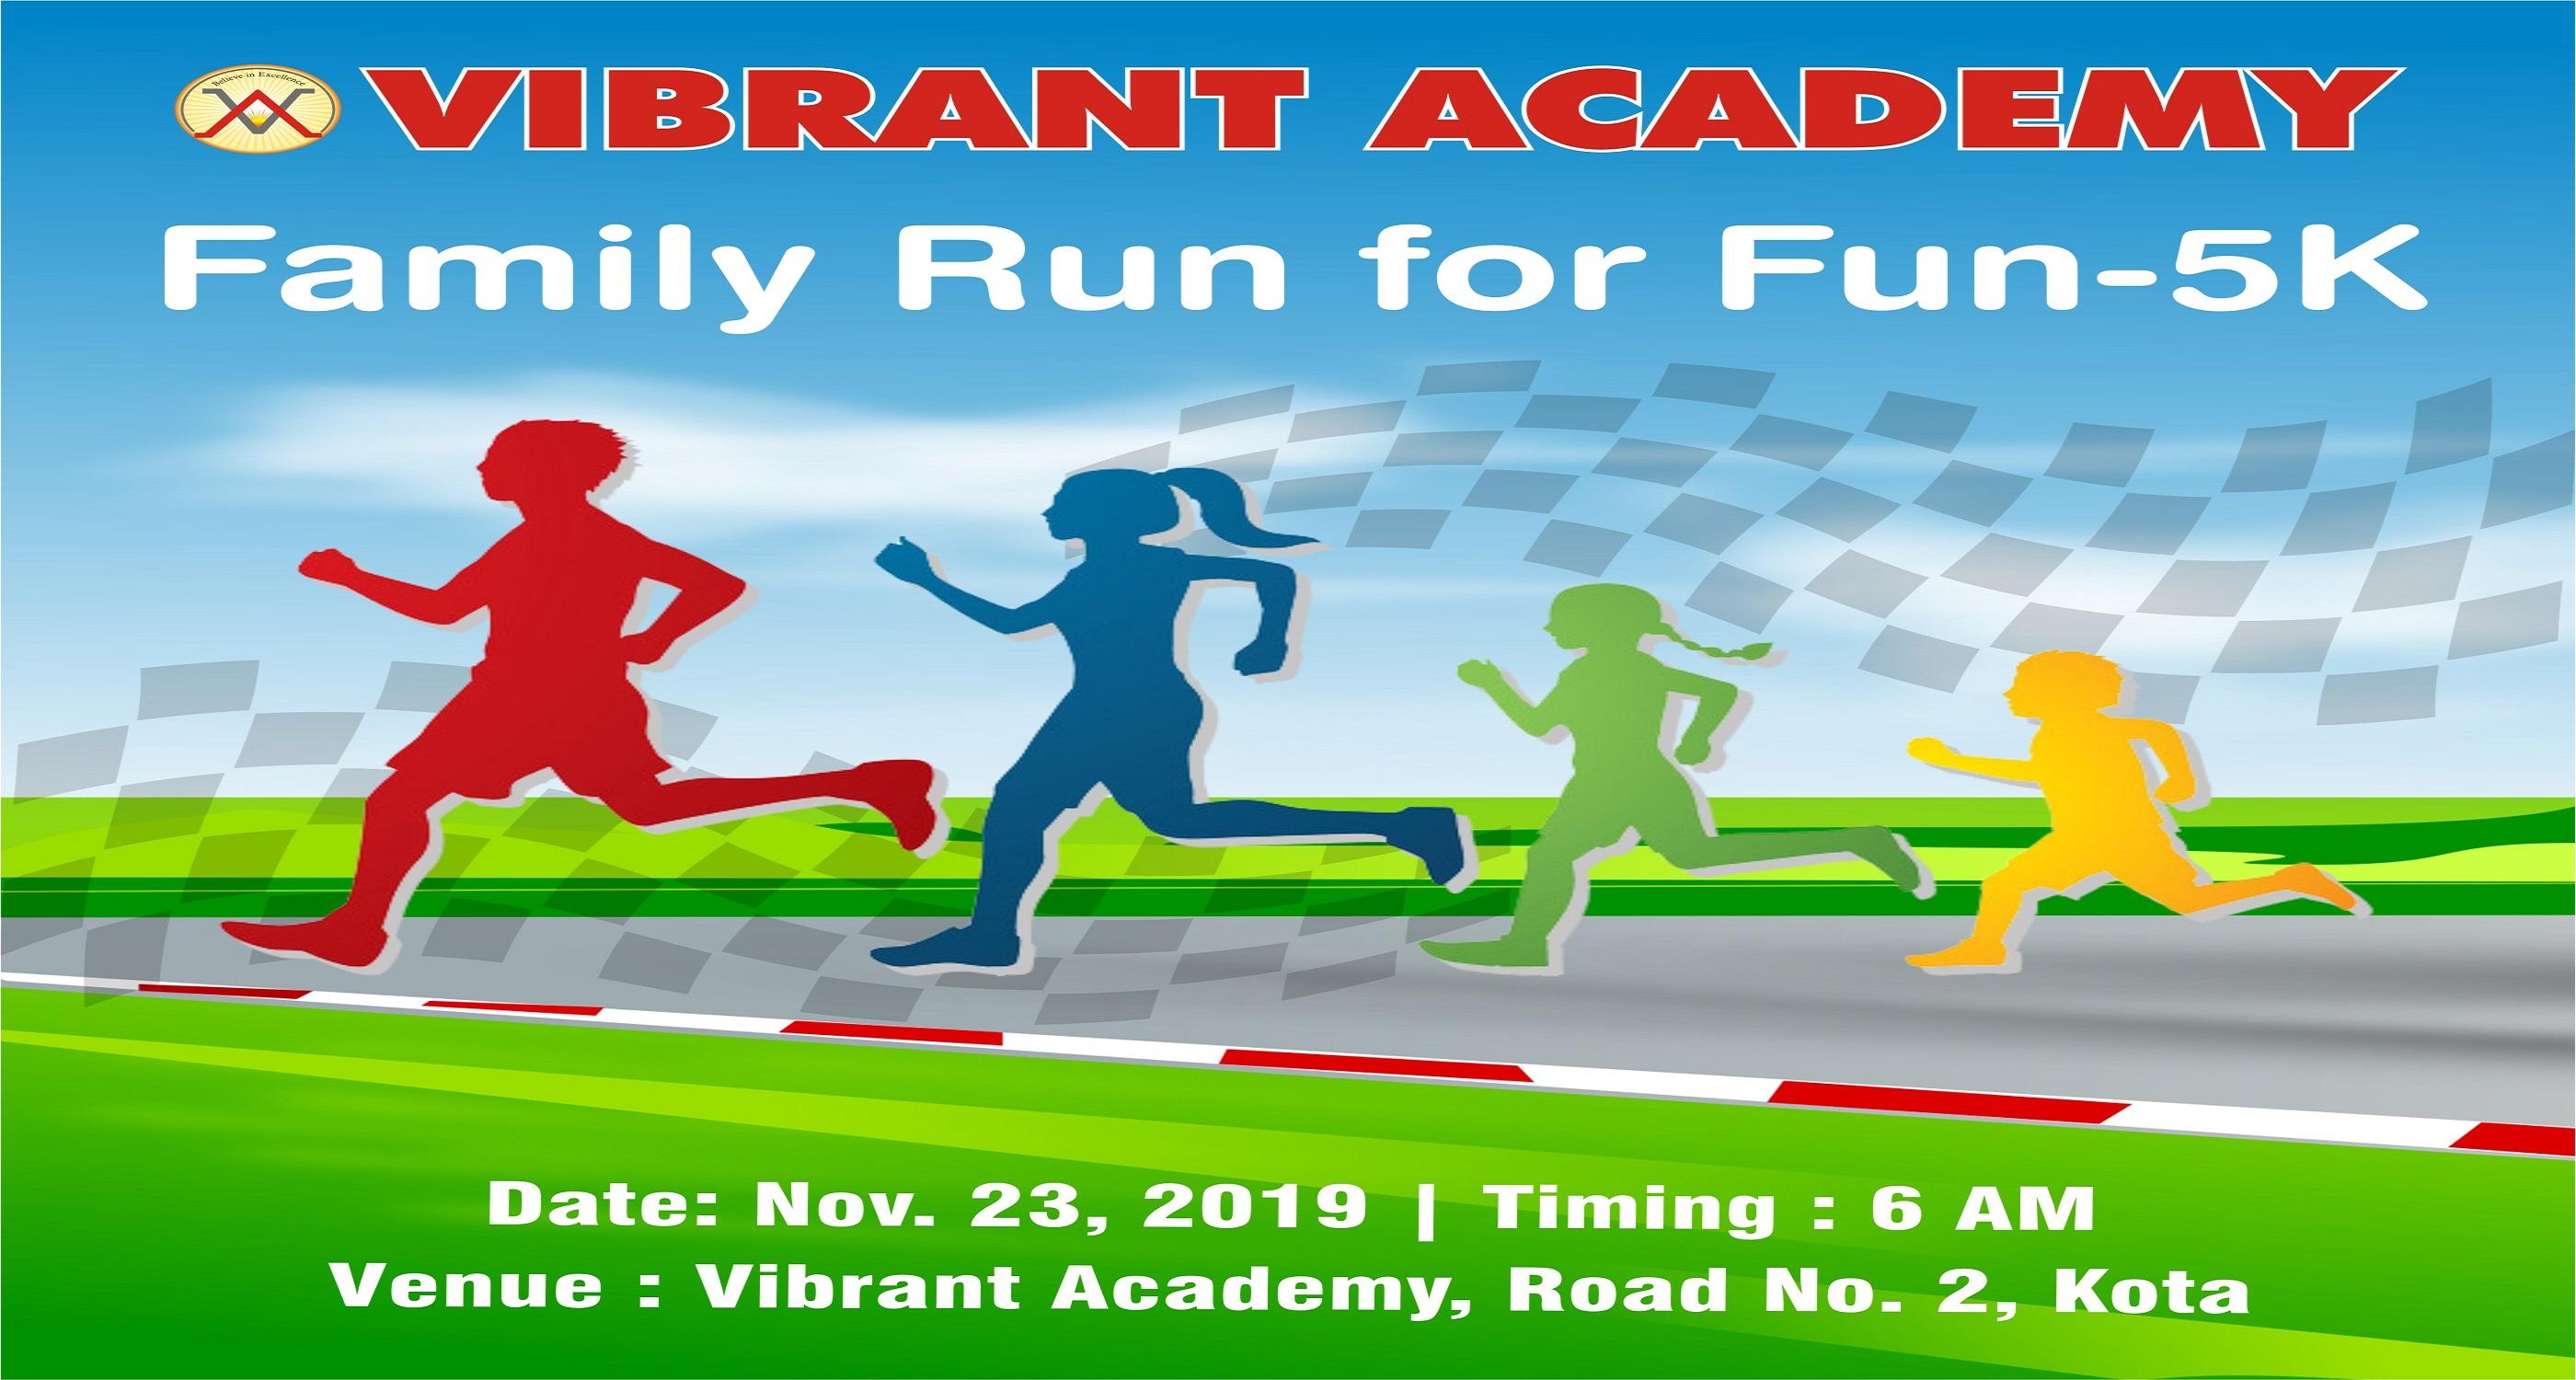 Vibrant Academy Organize Family Run For Fun 5k